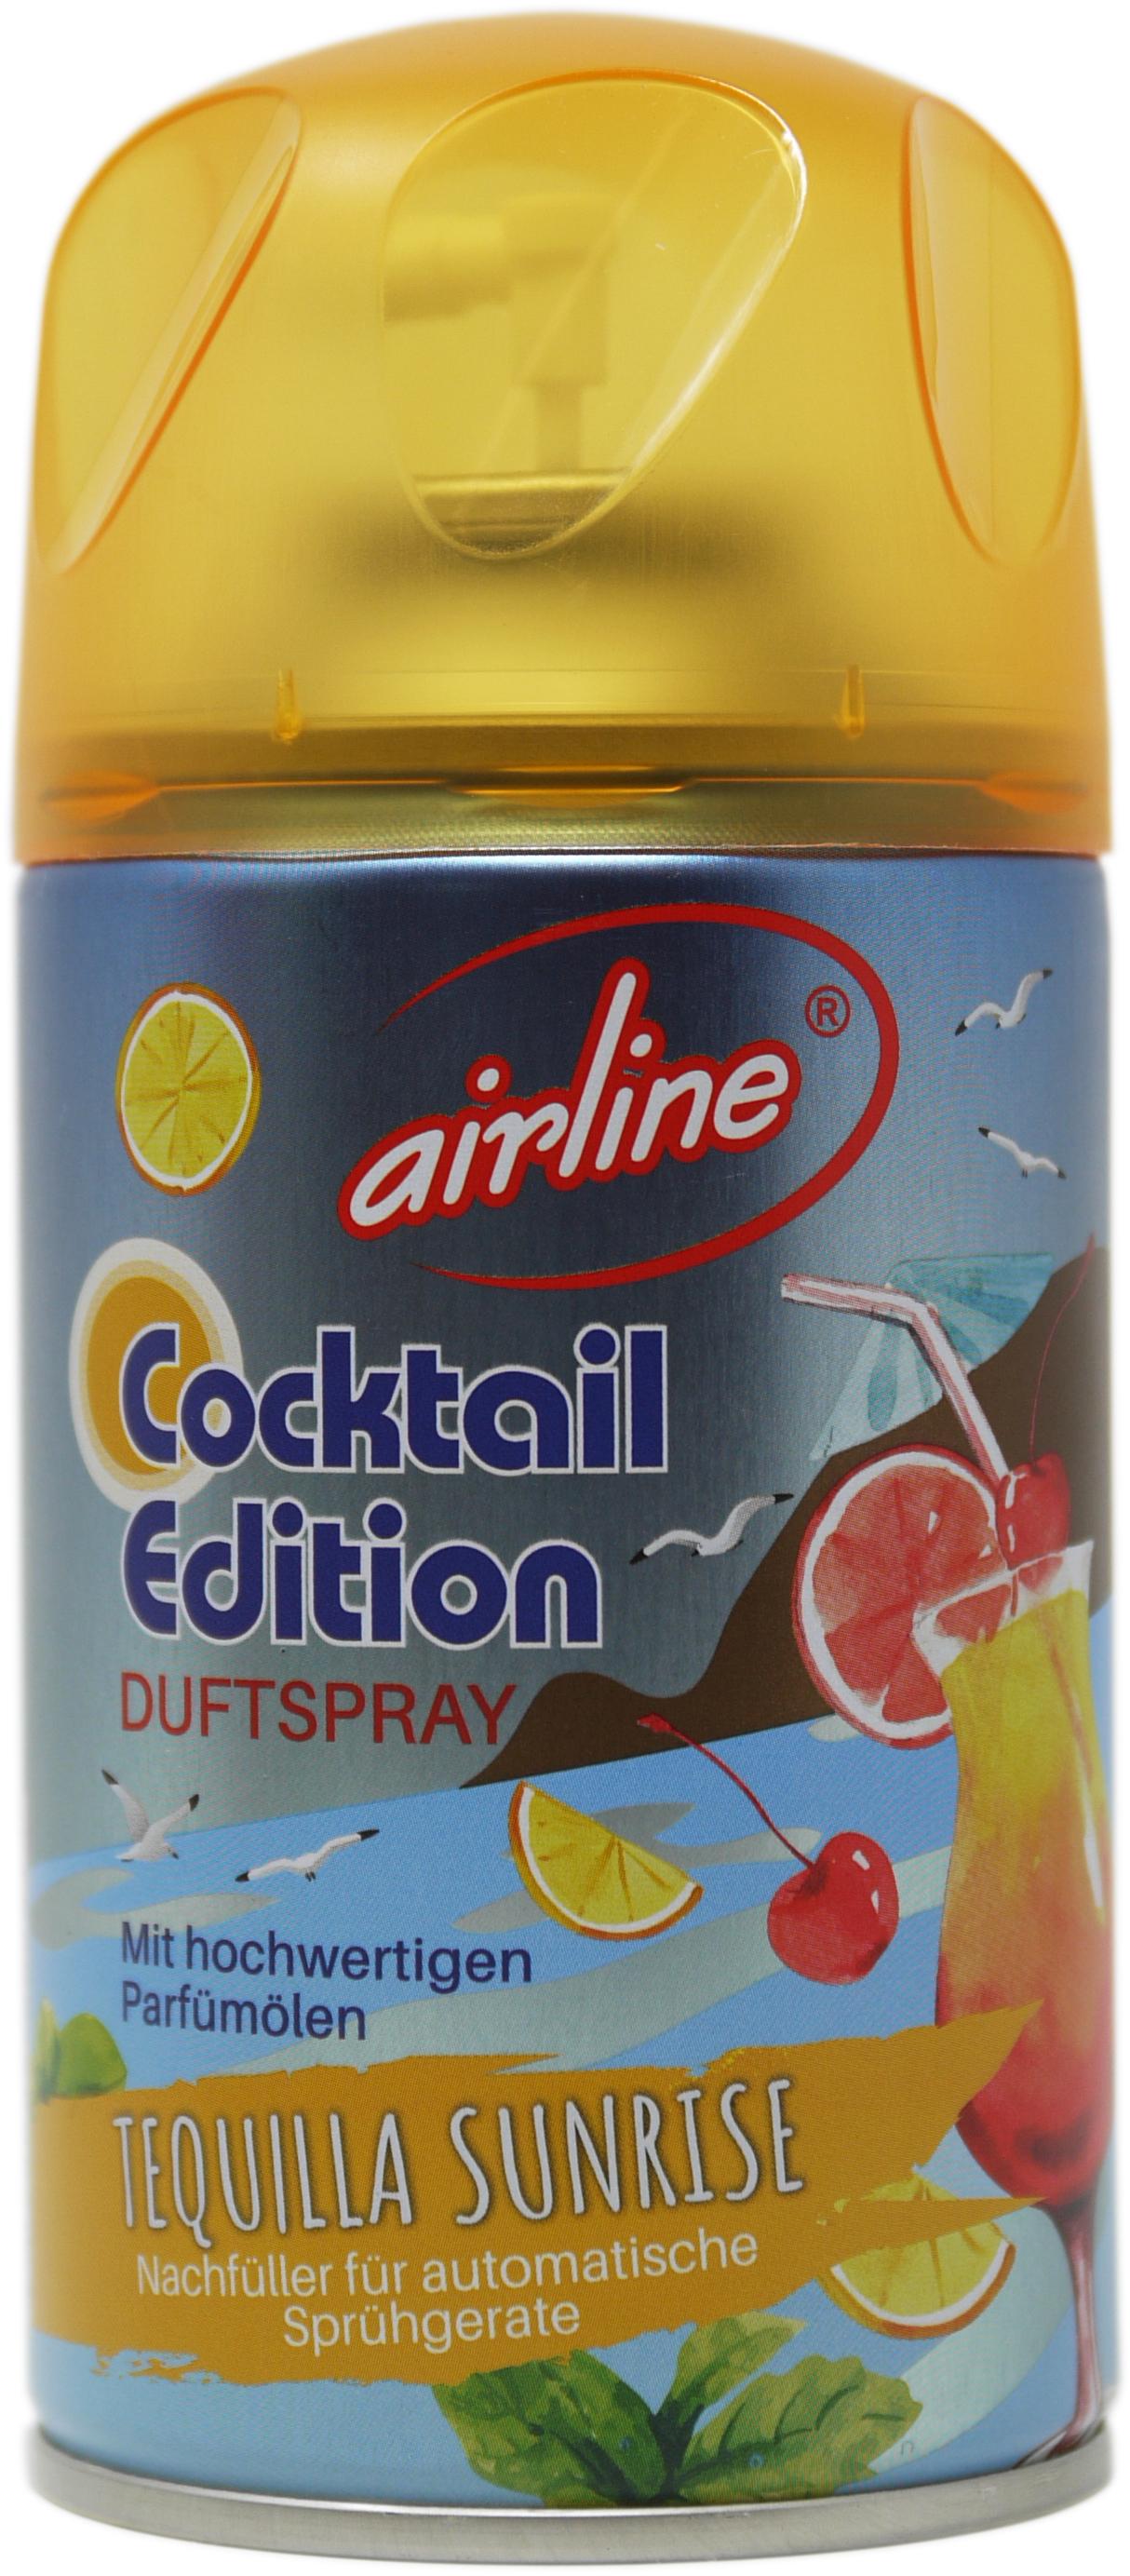 00561 - airline Cocktail Edition Tequila Sundrise Nachfüllkartuschen 250 ml